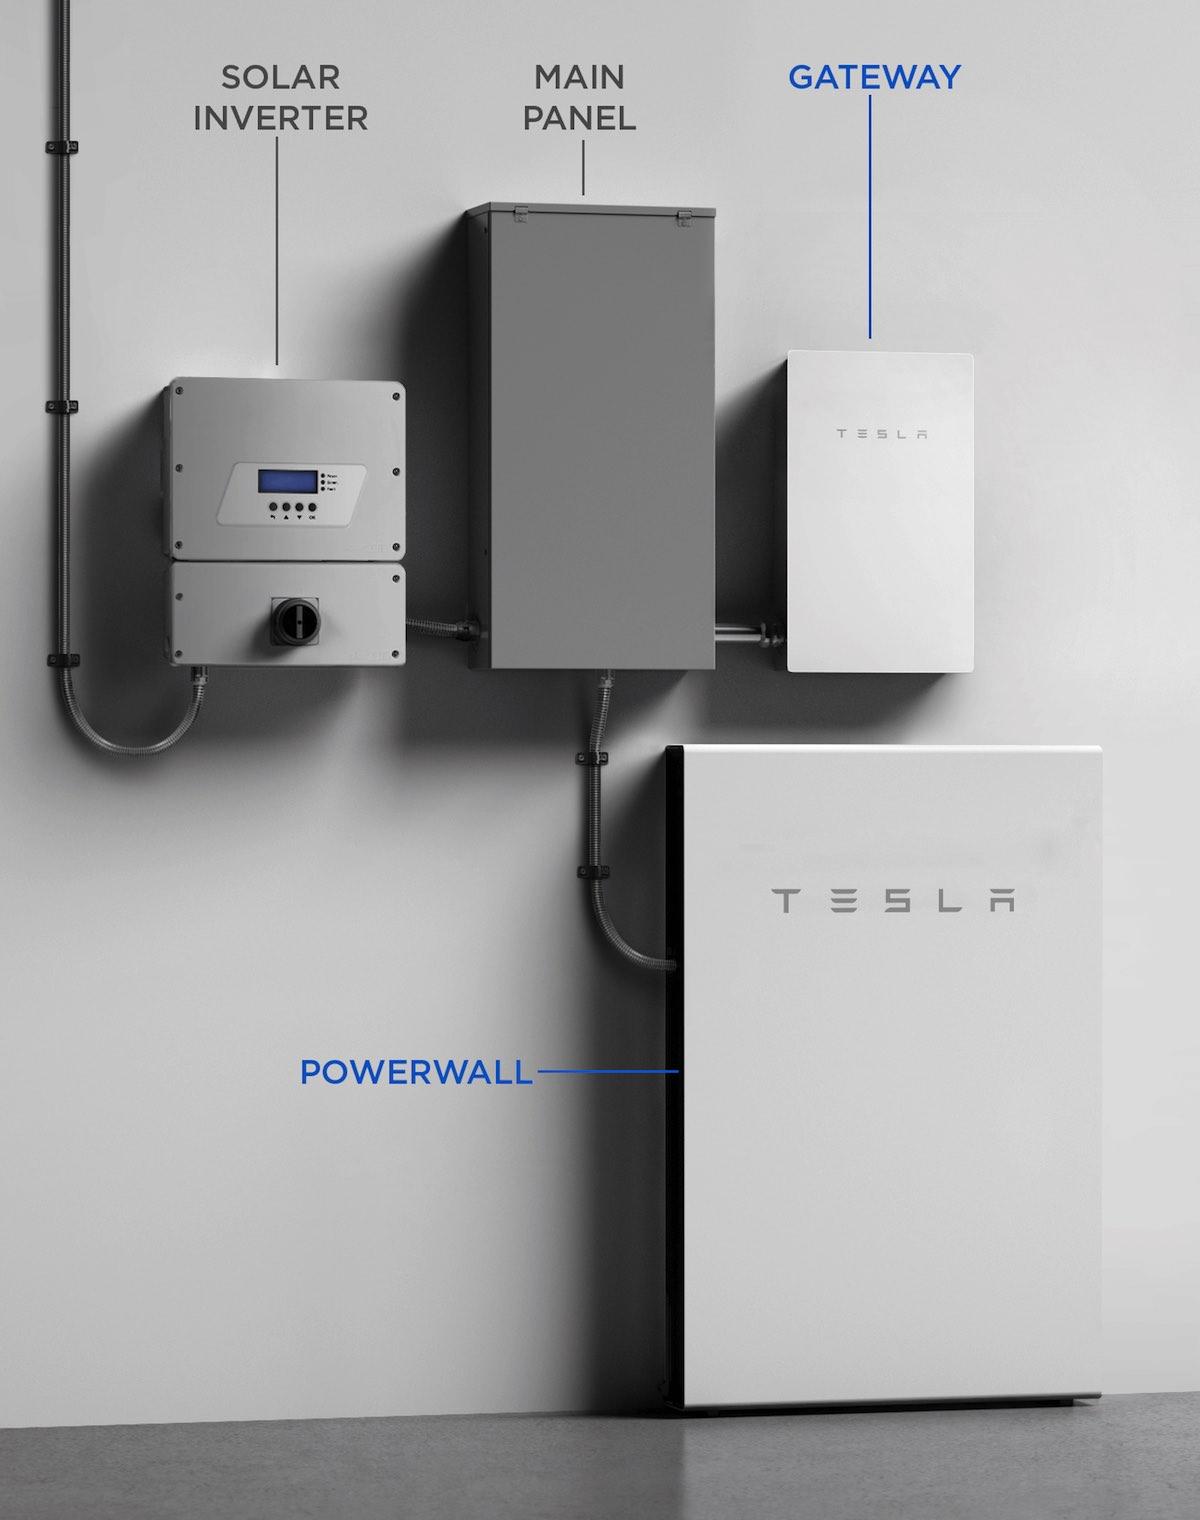 ¿Cómo elegir un inversor solar para una instalación fotovoltaica doméstica?